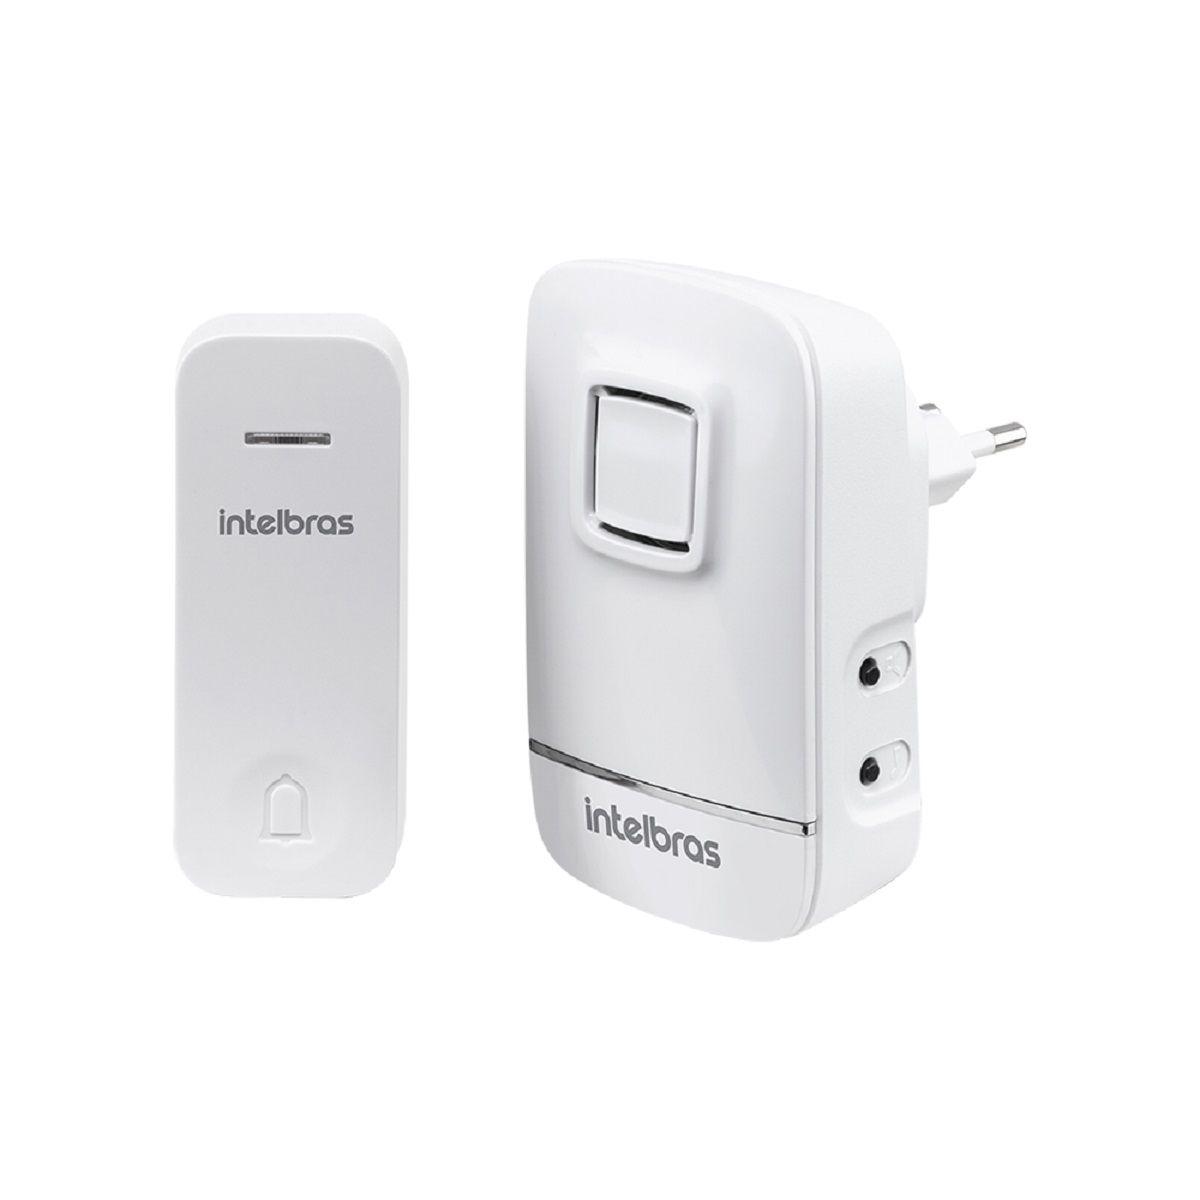 Campainha Eletrônica Intelbras sem Fio sem Bateria - CIK 200